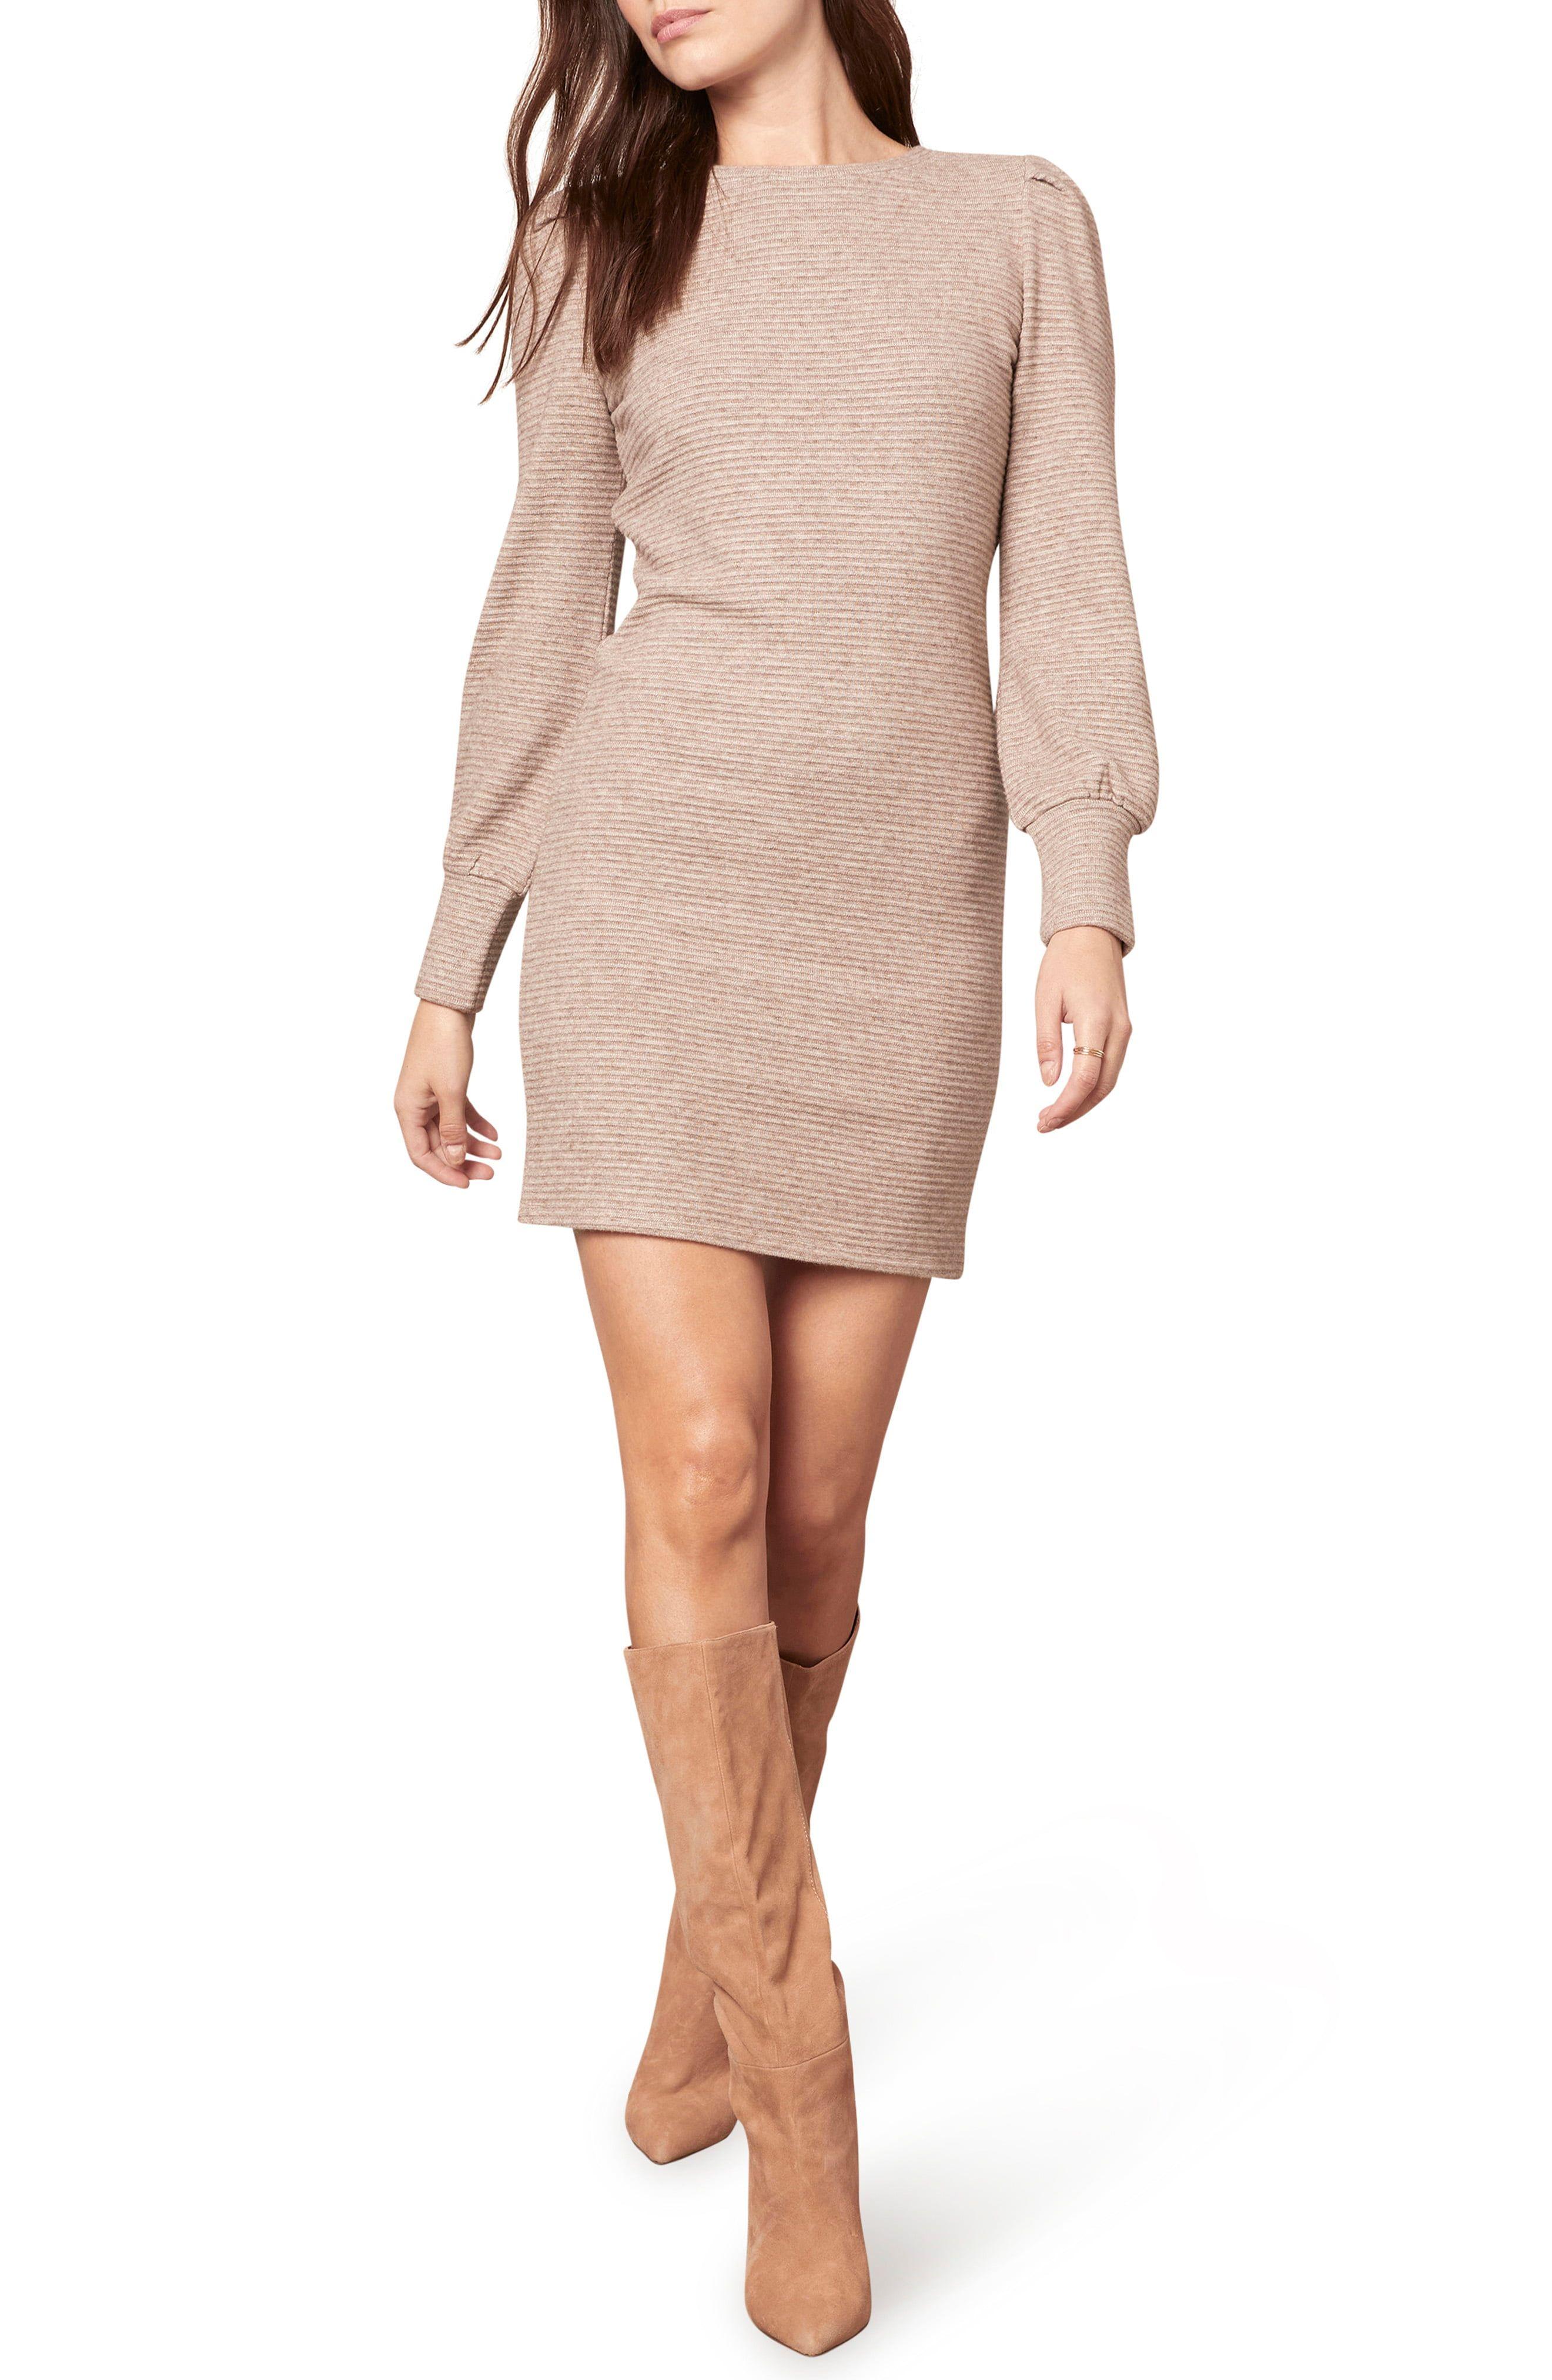 30+ Beige sweater dress ideas